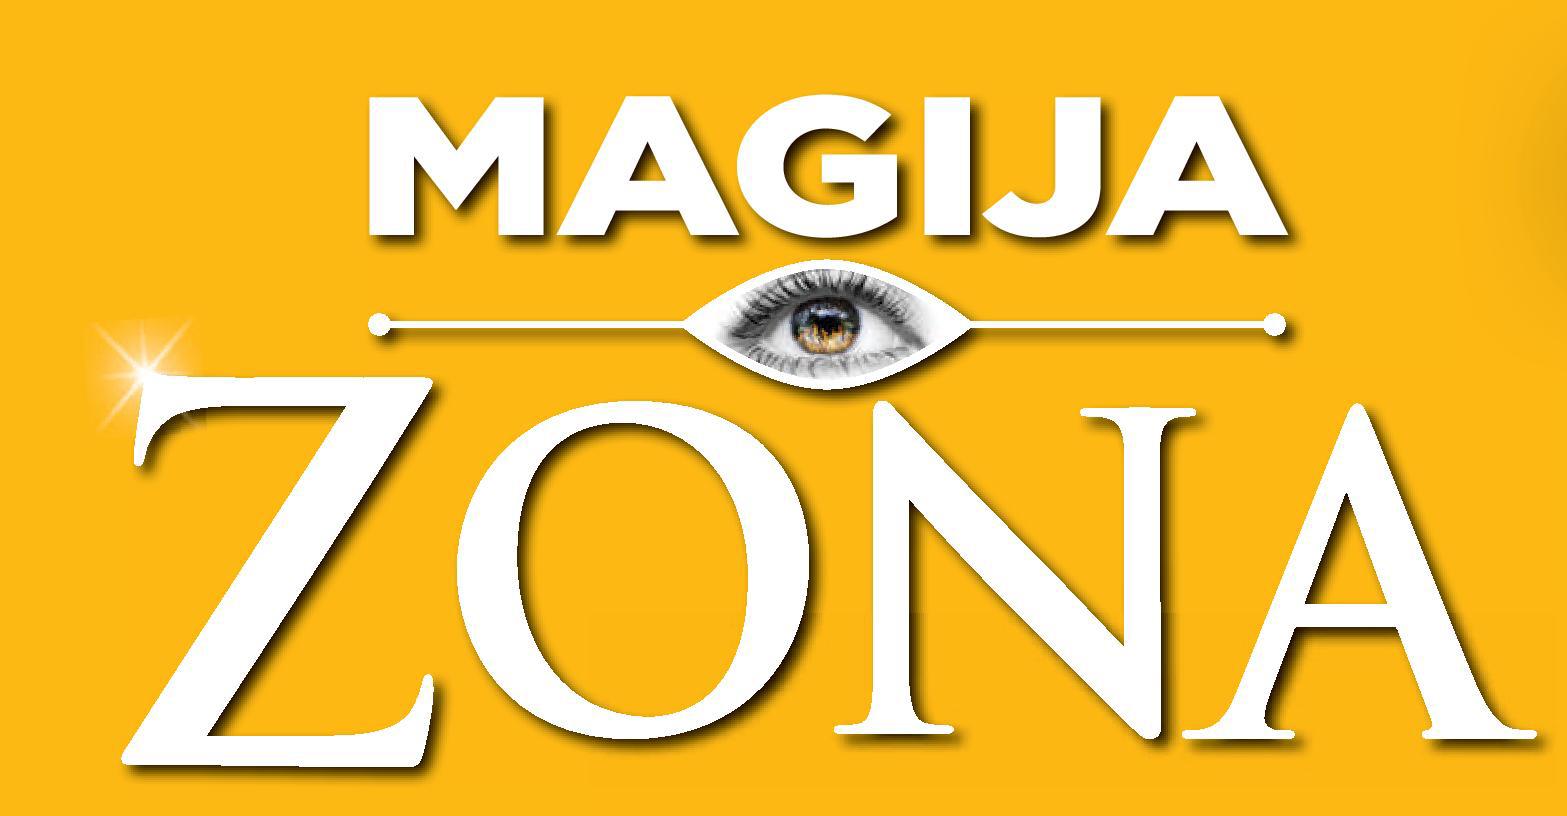 Magična zona